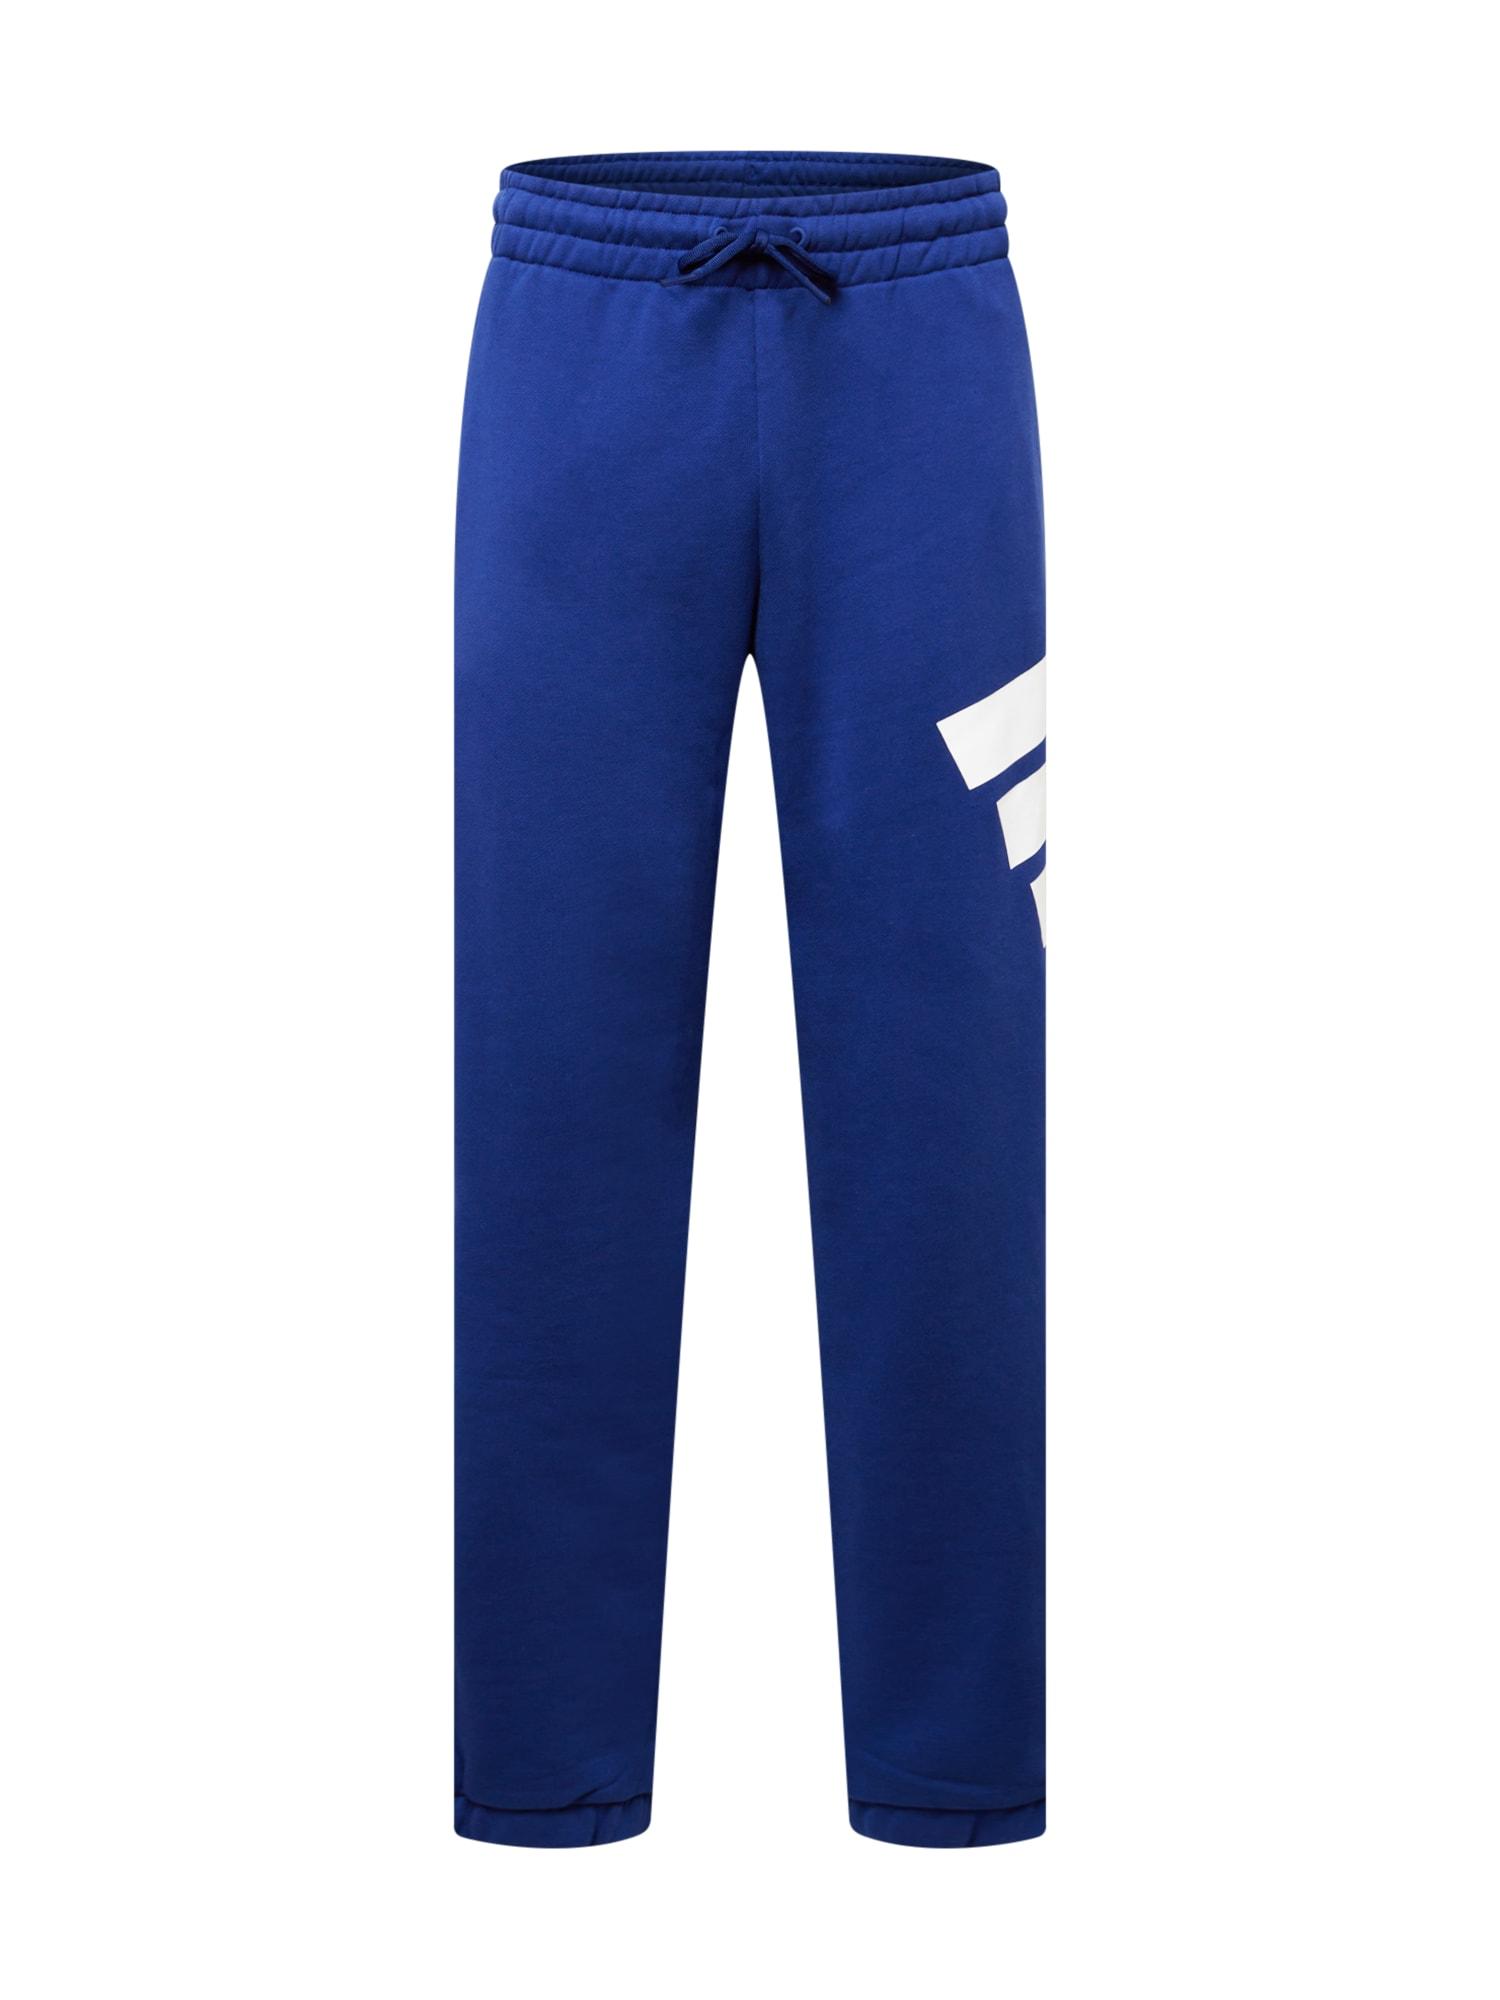 ADIDAS PERFORMANCE Sportovní kalhoty  modrá / bílá